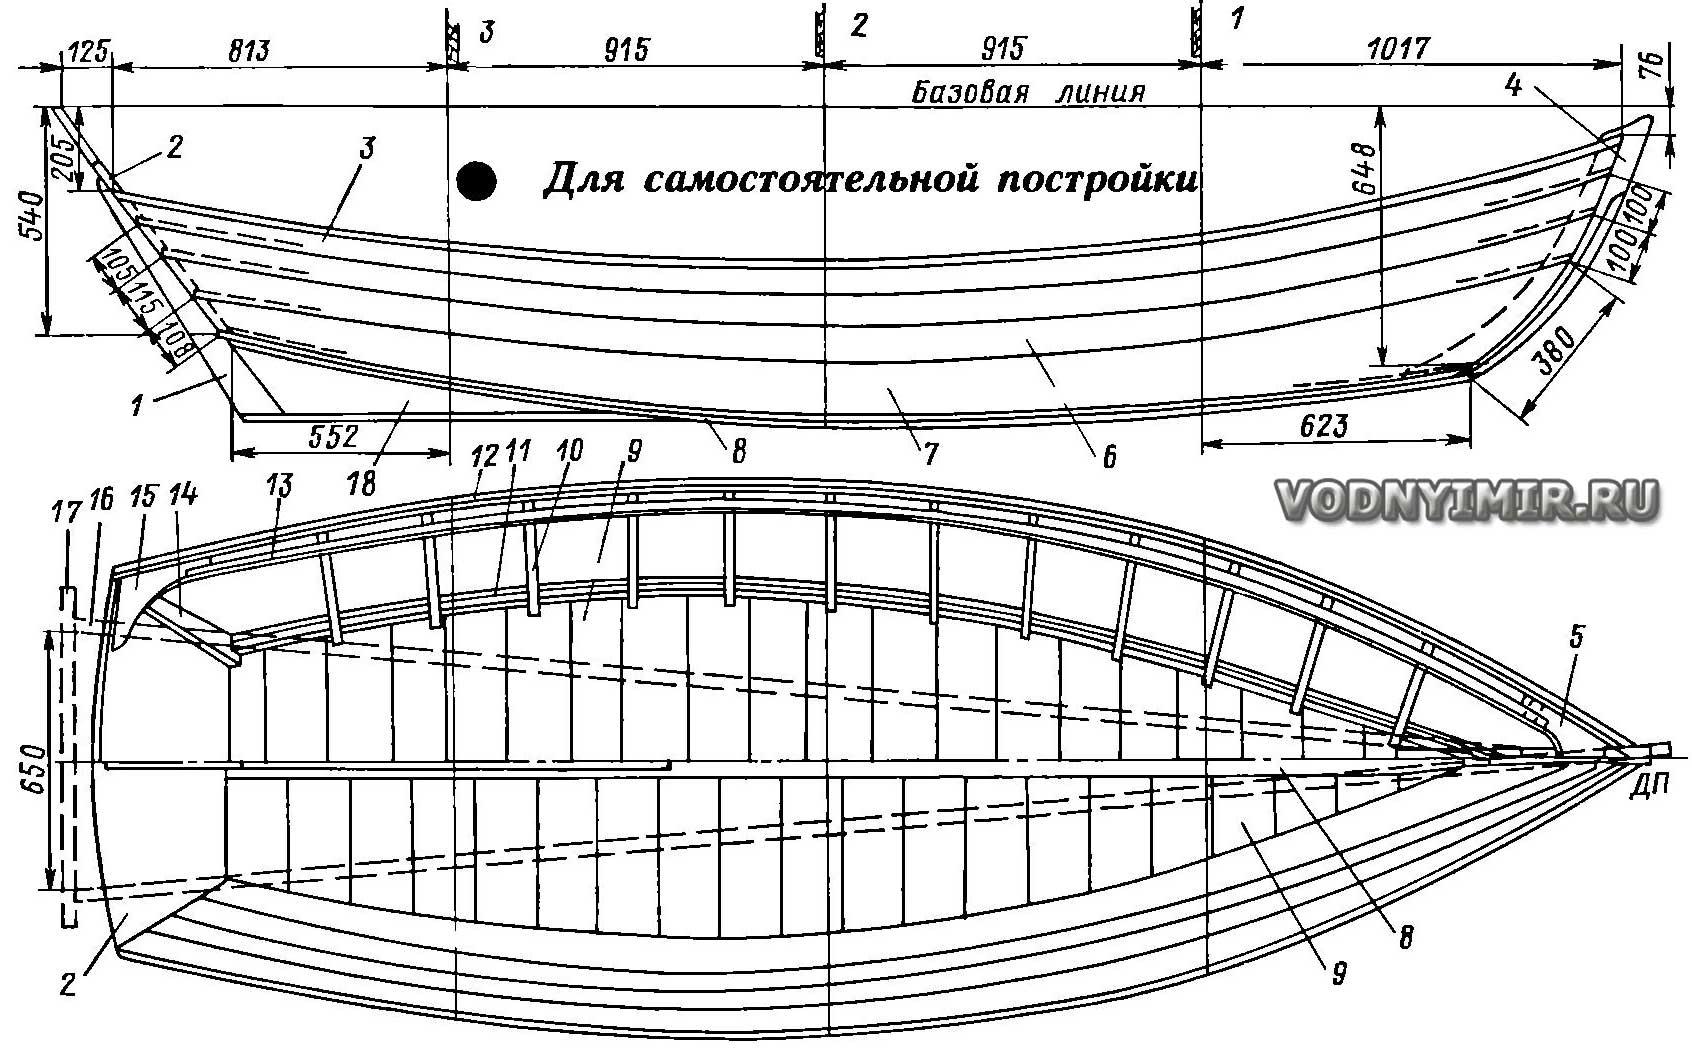 Плоскодонная лодка своими руками чертежи 99